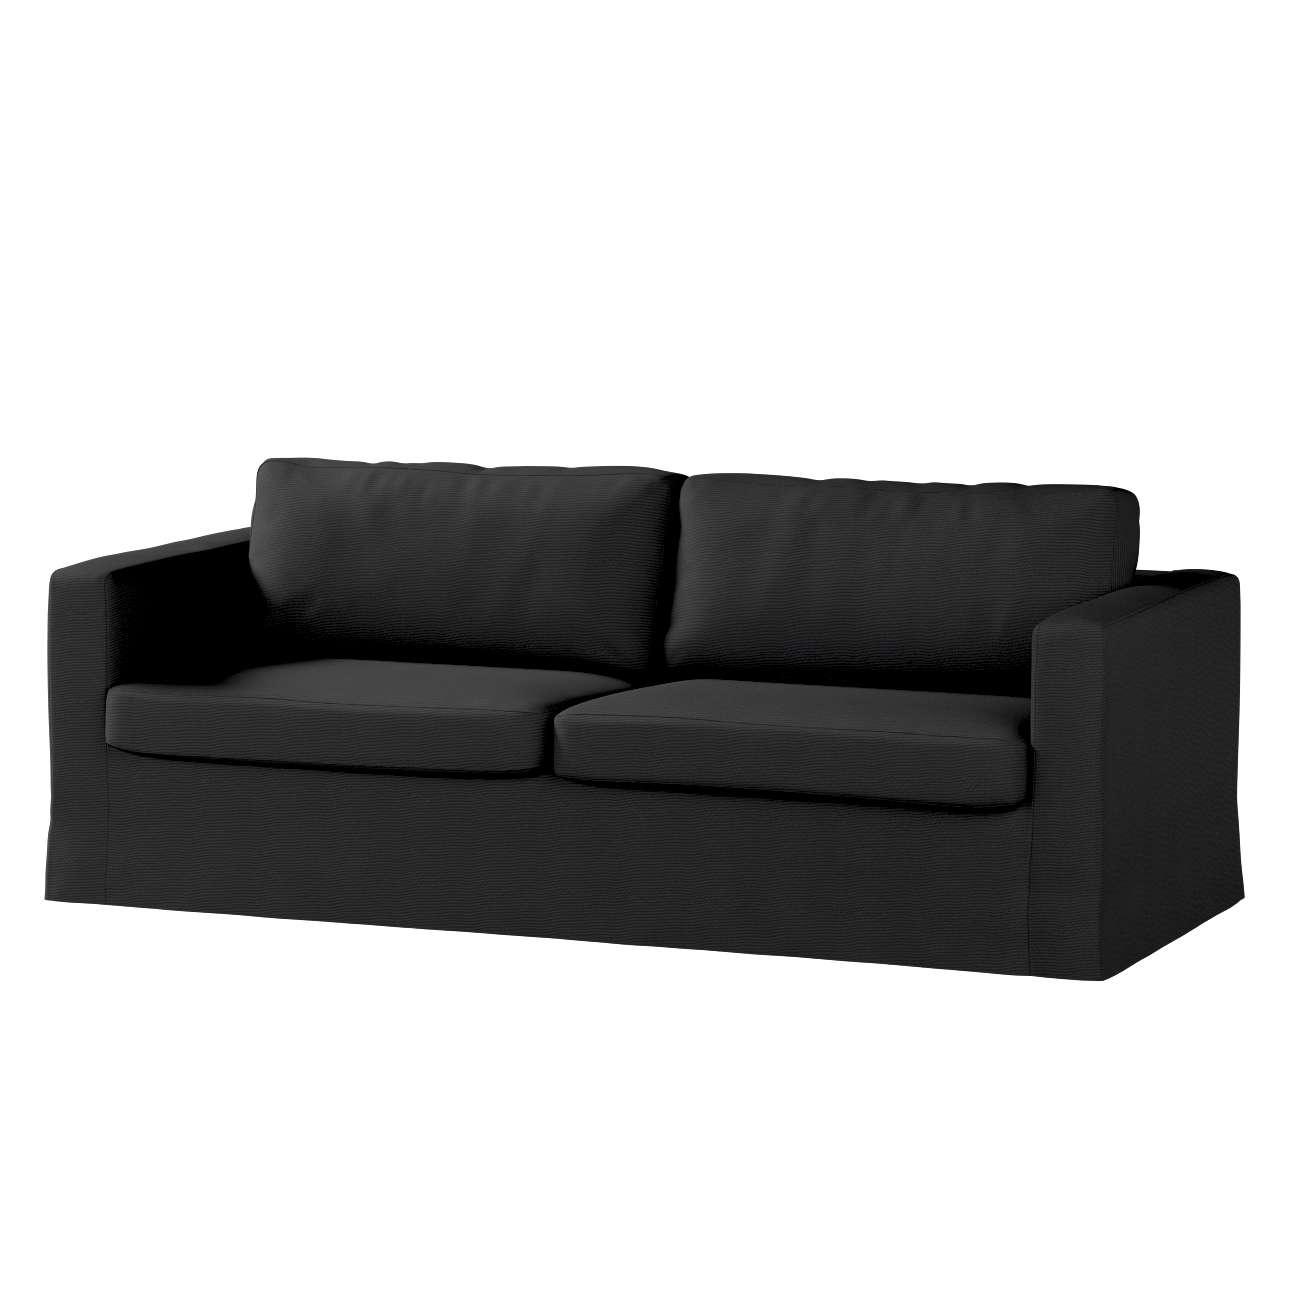 Karlstad 3-Sitzer Sofabezug nicht ausklappbar lang Sofahusse, Karlstad 3-Sitzer von der Kollektion Etna, Stoff: 705-00